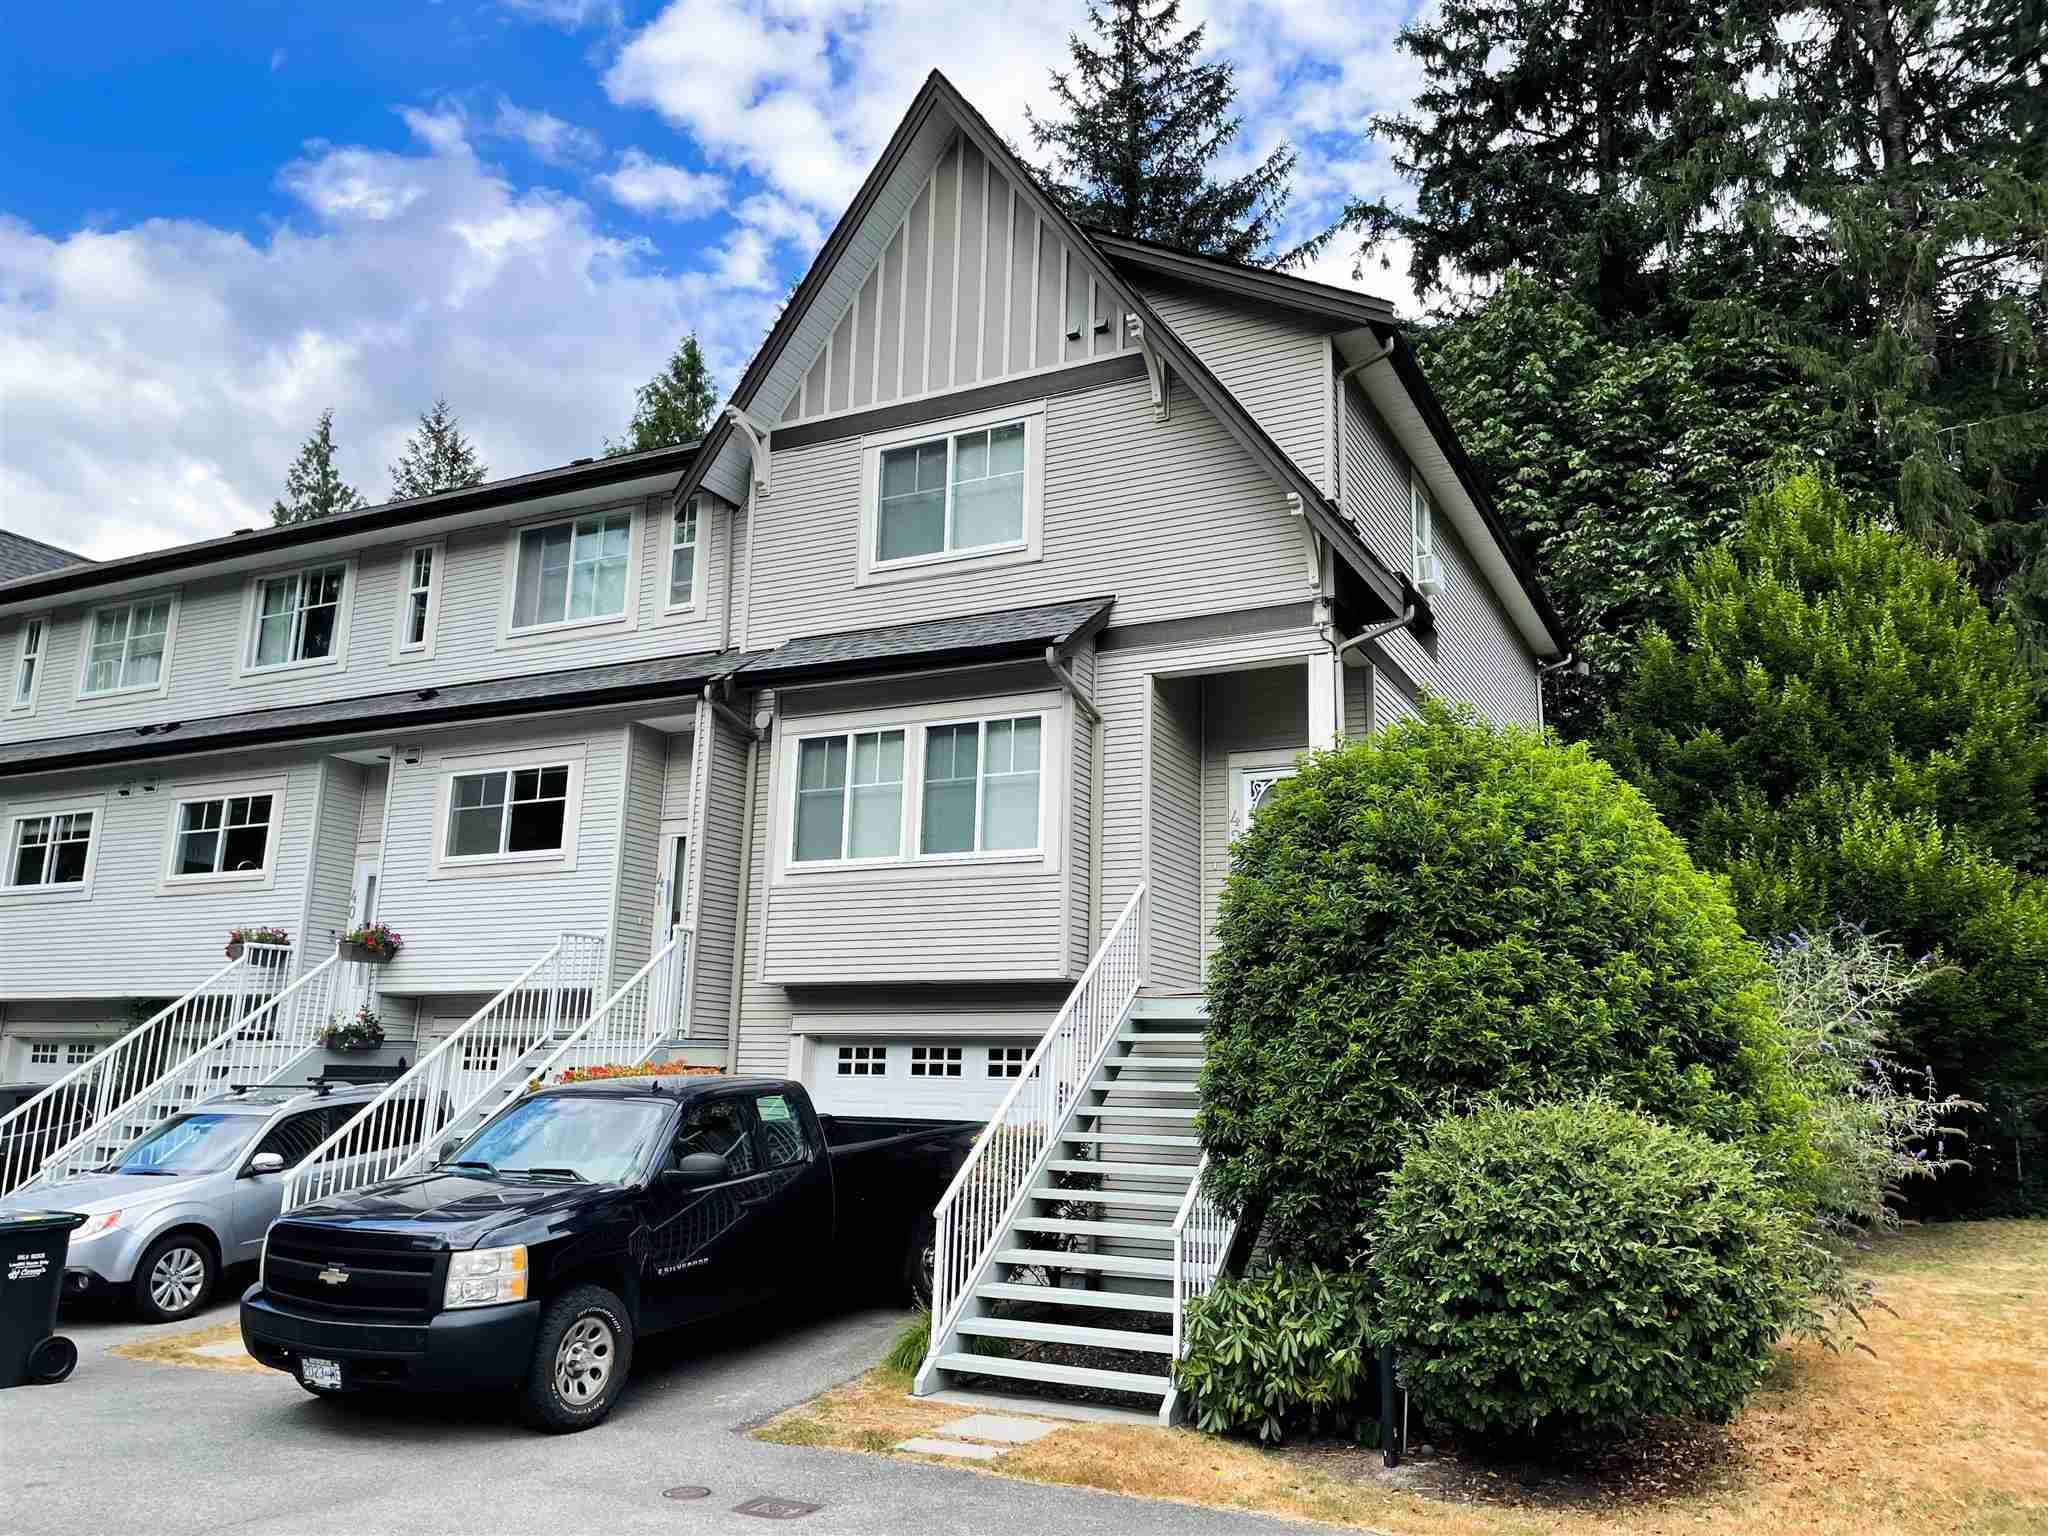 """Main Photo: 42 1800 MAMQUAM Road in Squamish: Garibaldi Estates Townhouse for sale in """"GARIBALDI ESTATES"""" : MLS®# R2604809"""